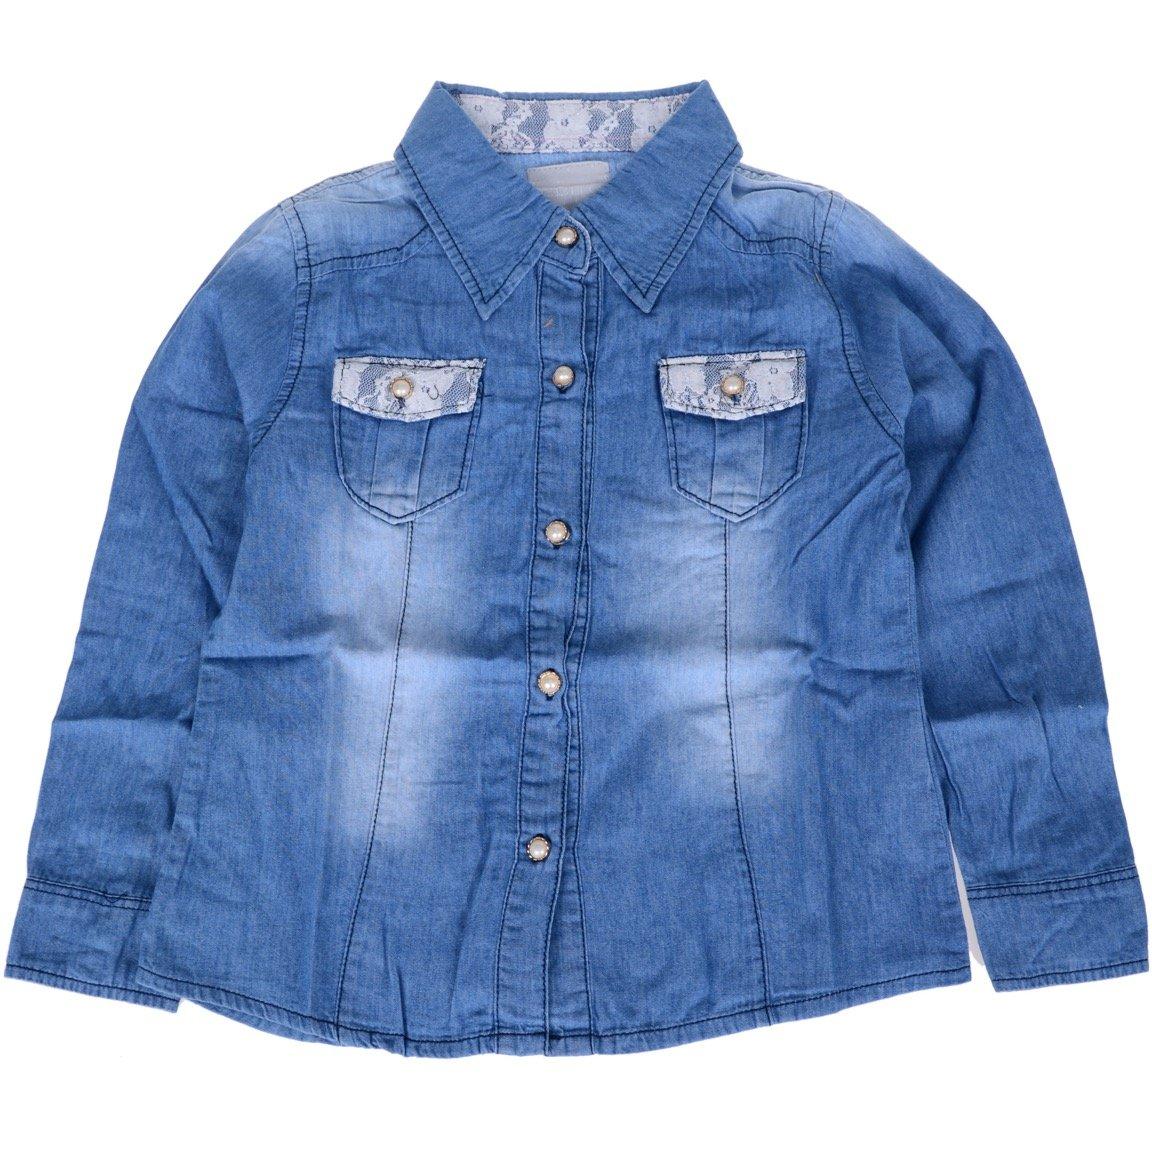 Εβίτα παιδικό εποχιακό πουκάμισο τζιν «Wanted»